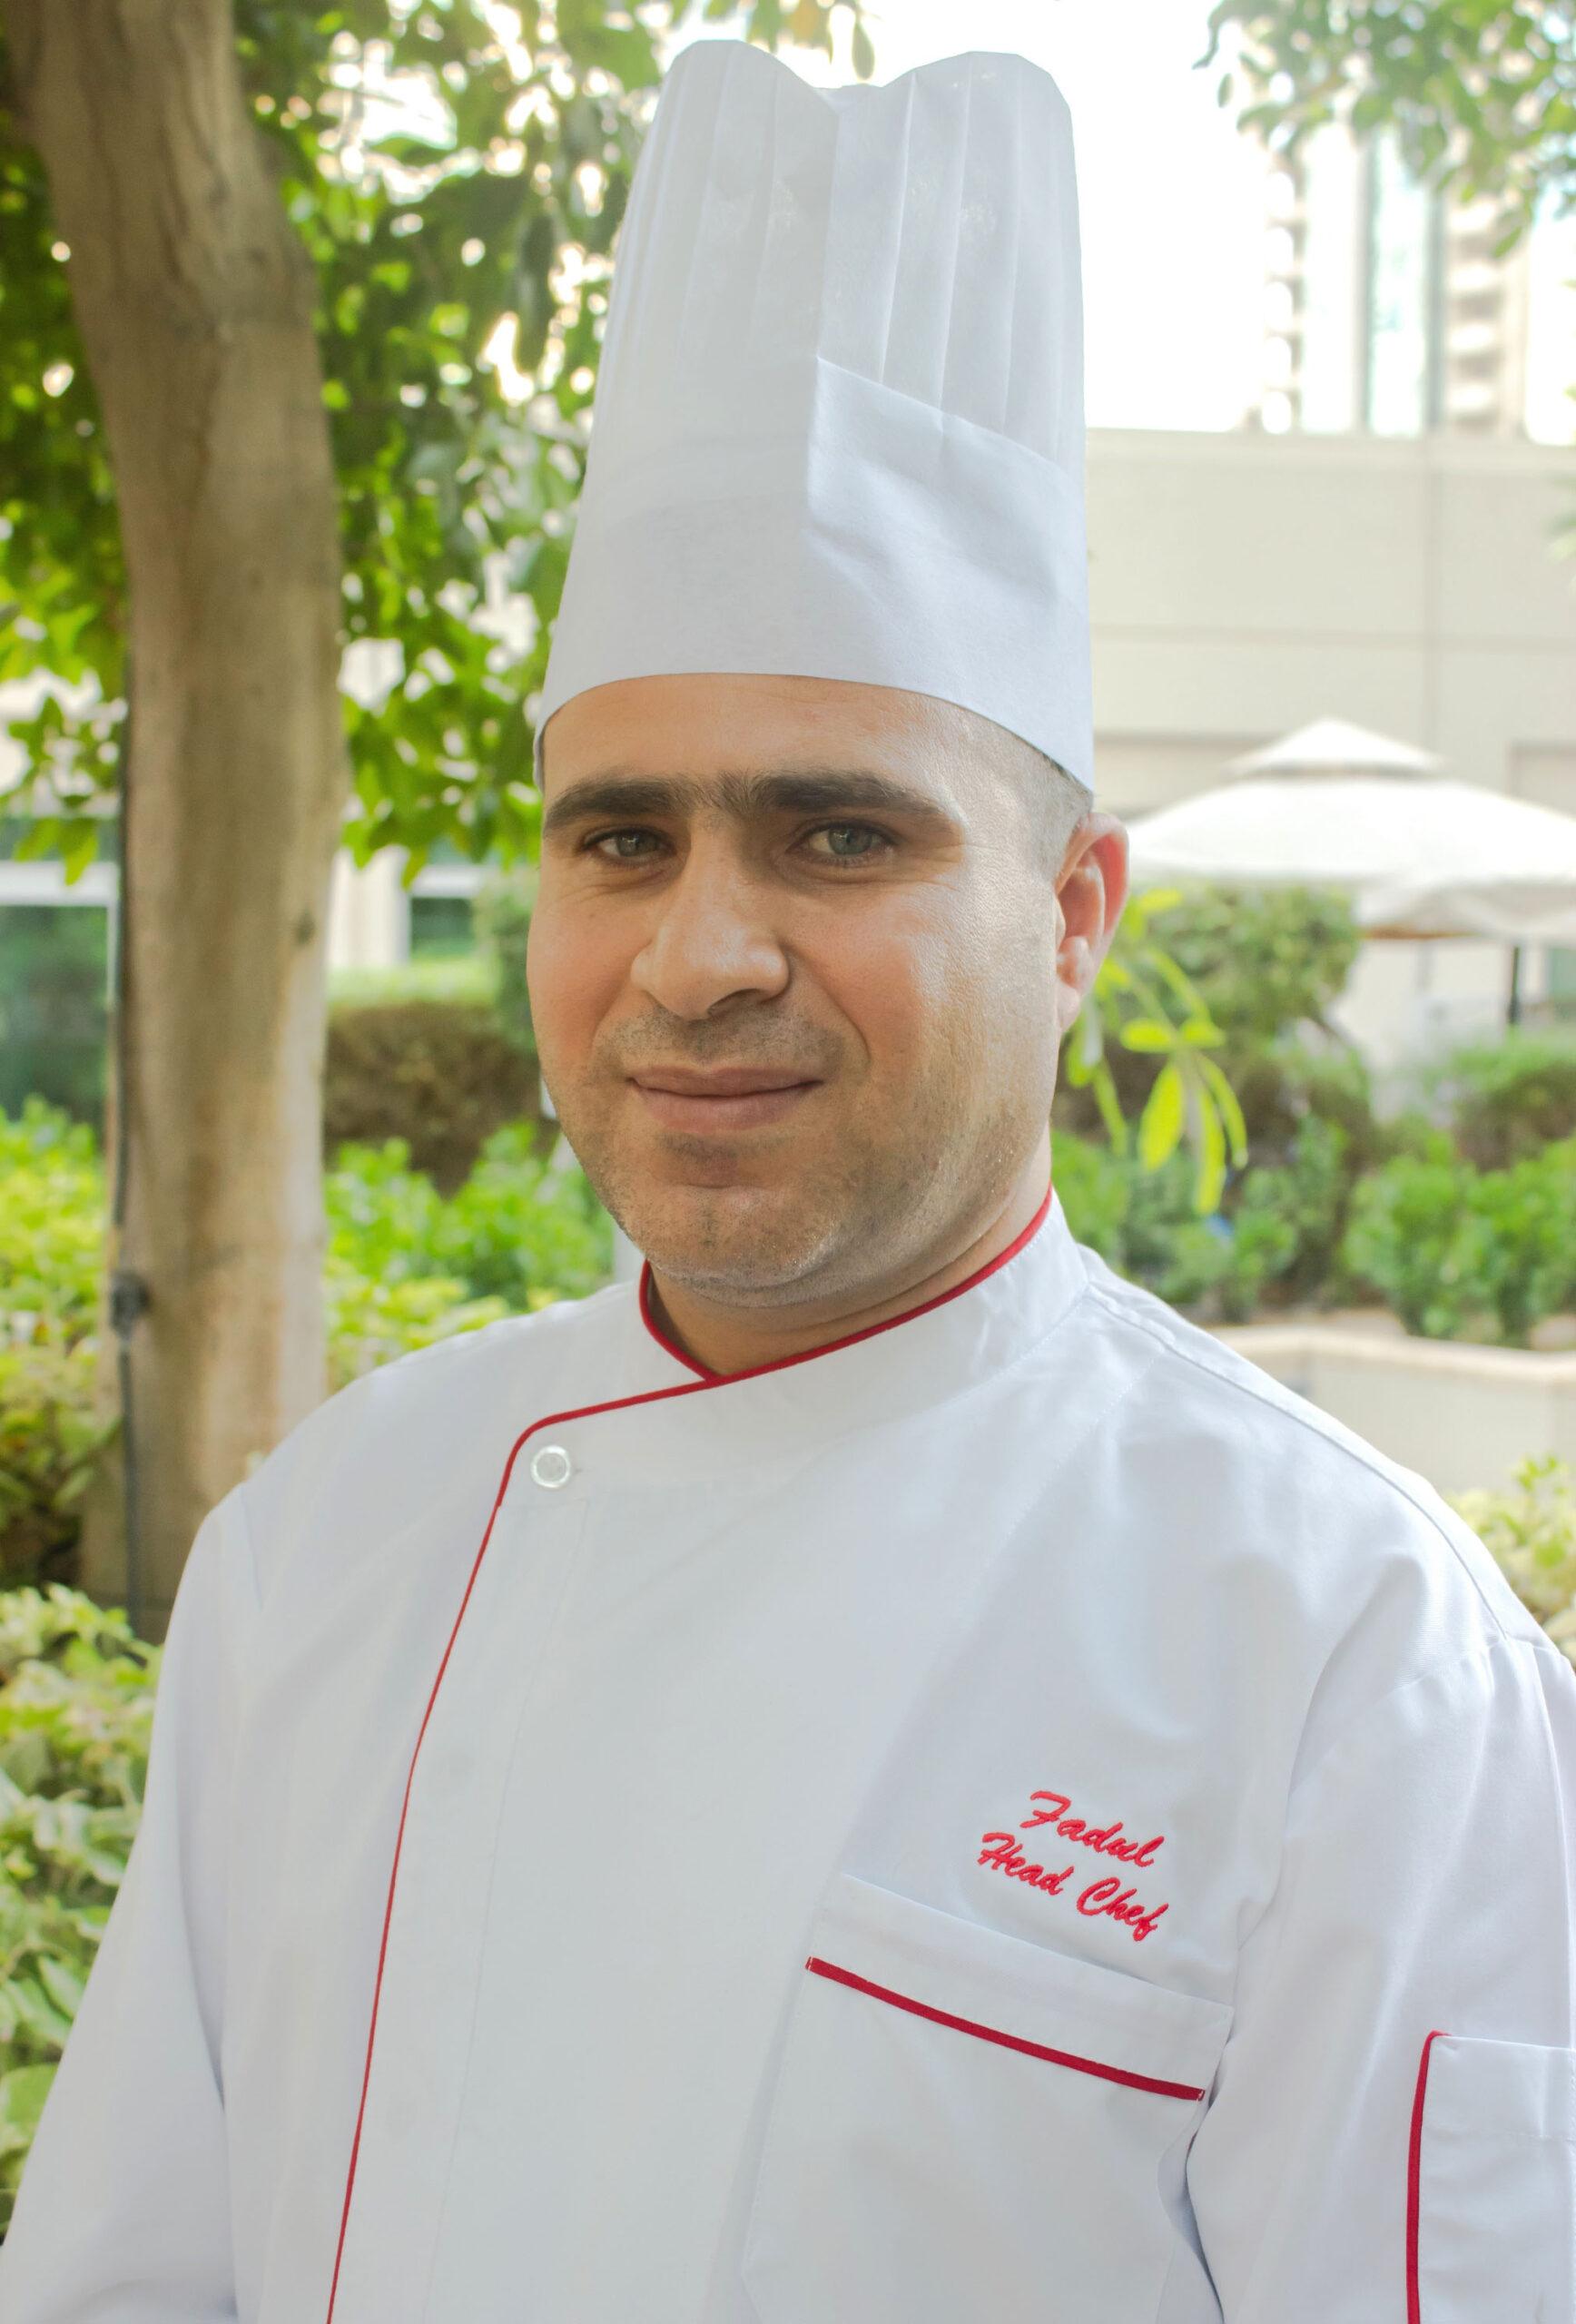 Chef Fadul Alkassem, Head Chef, Ramada by Wyndham Downtown Dubai